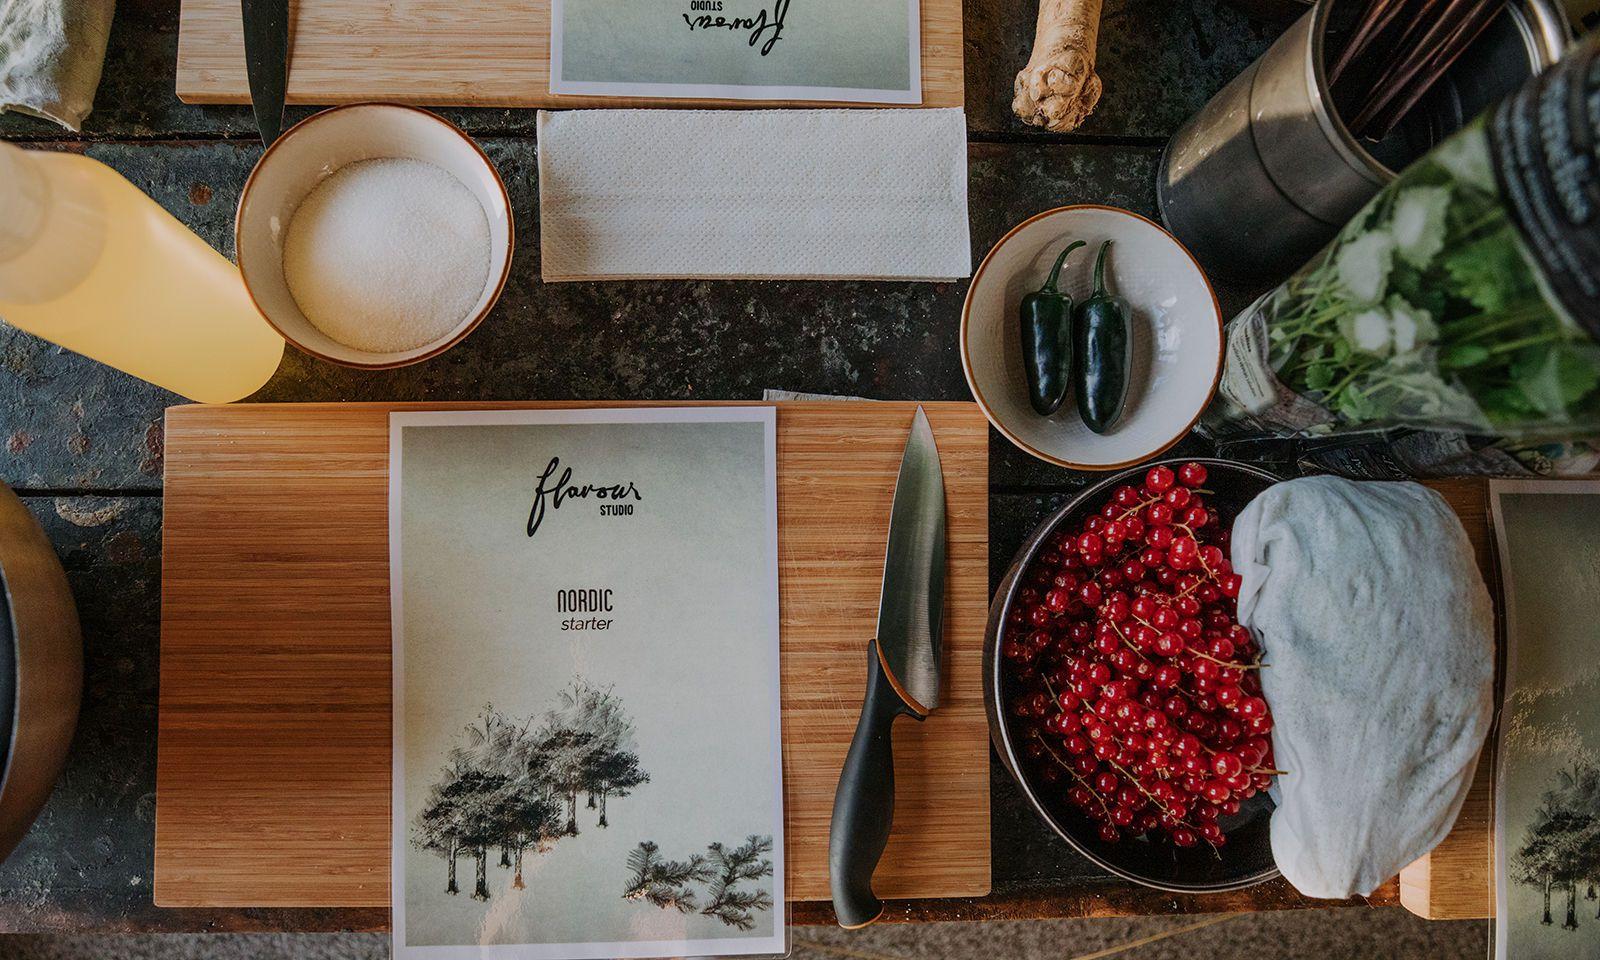 Klassische und innovative Kost in einem der neuen Lokale stärkt.